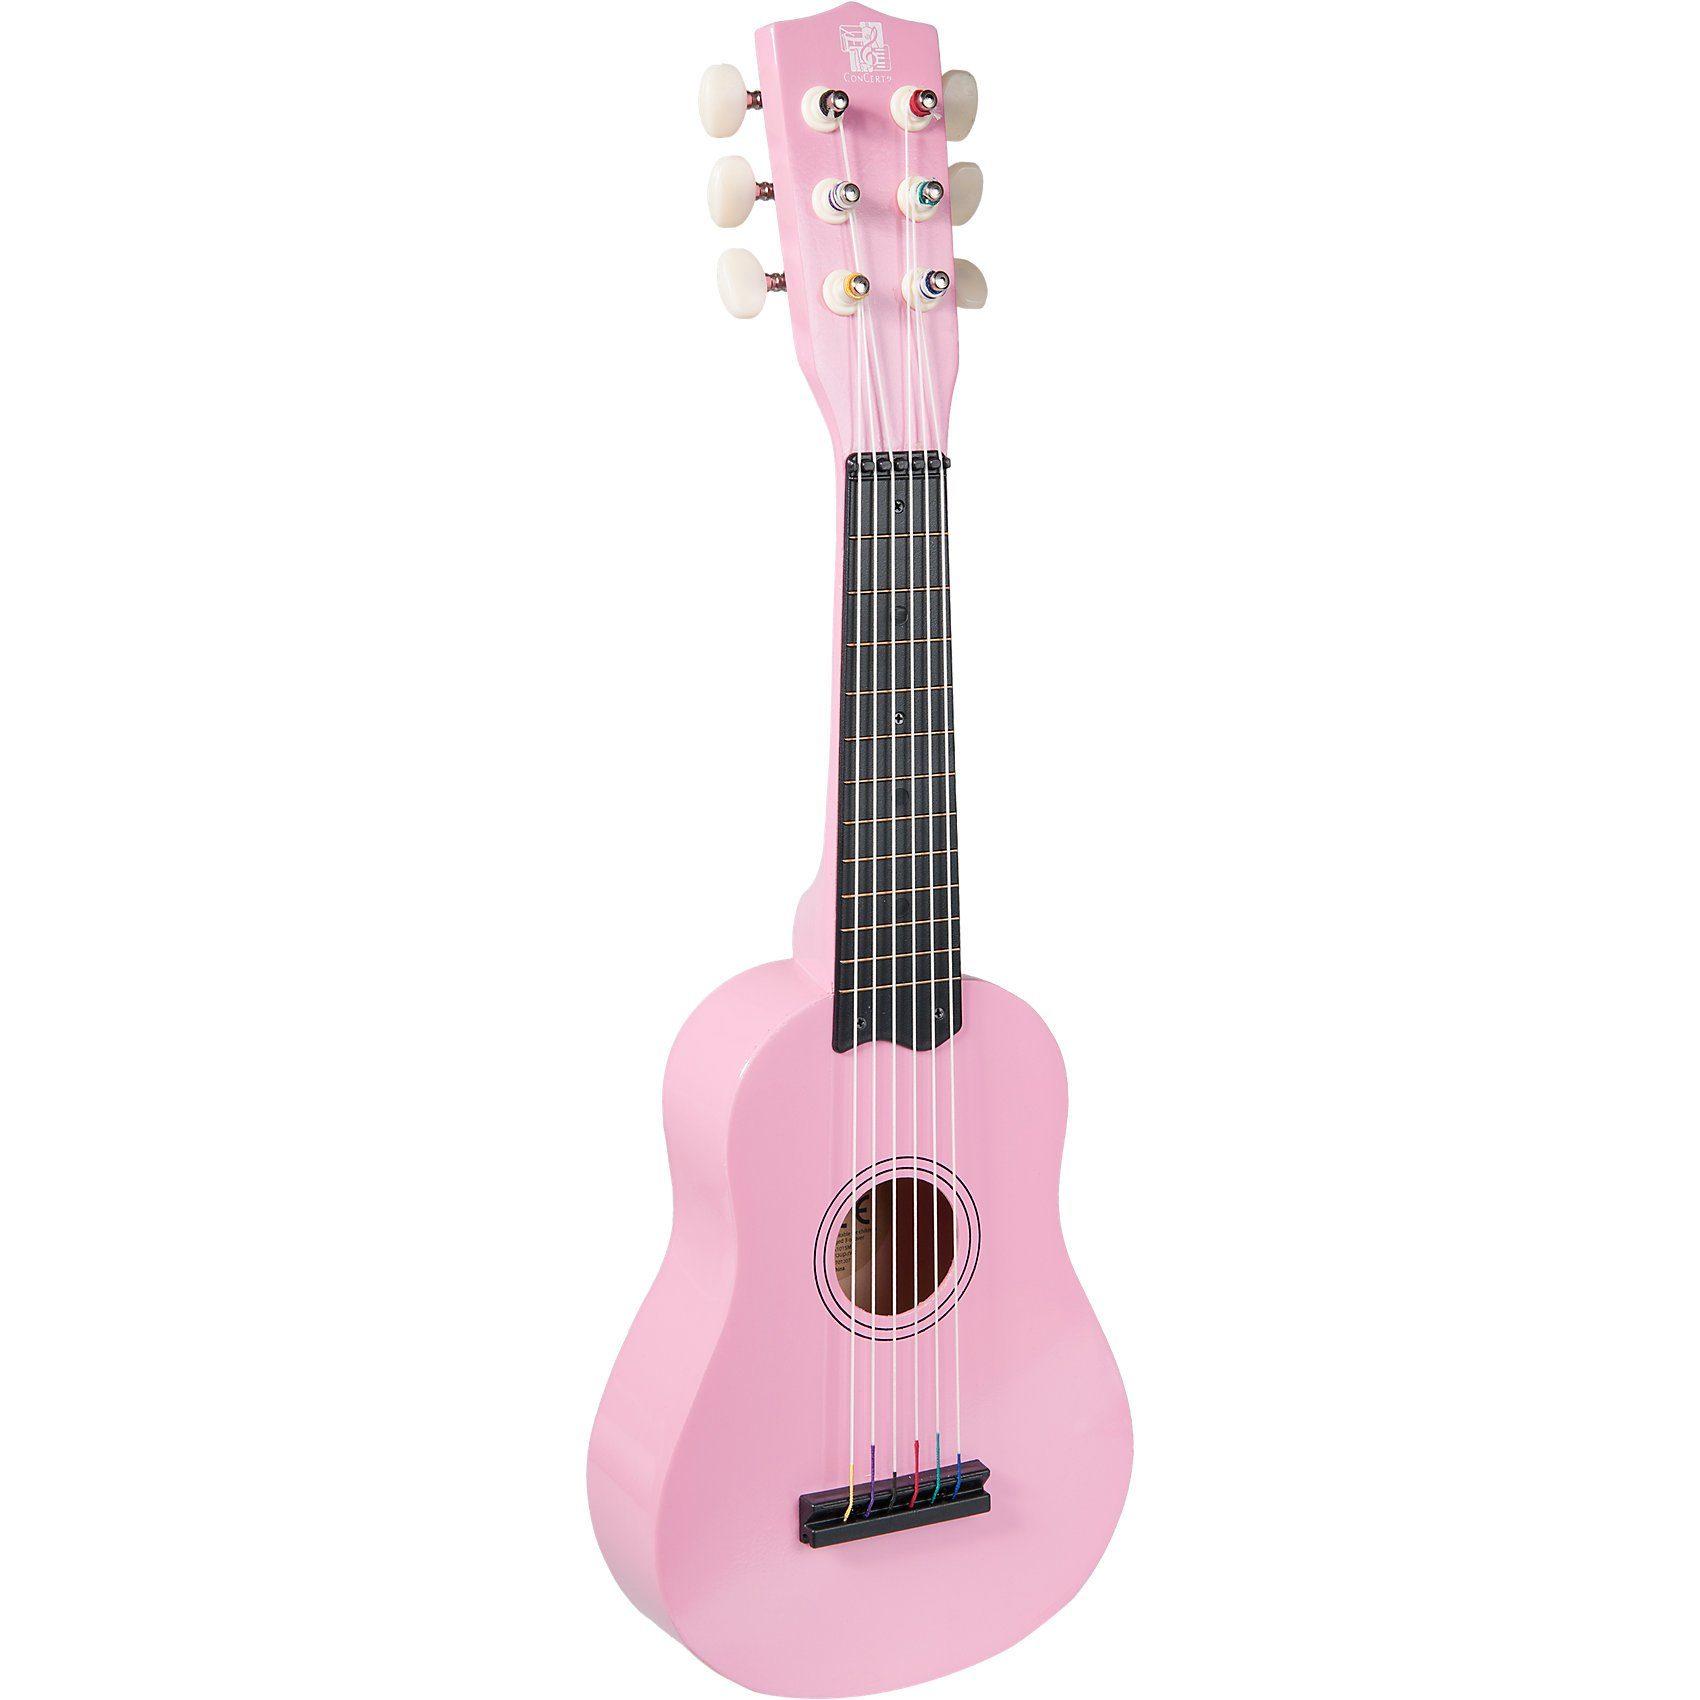 Gitarre Concerto pink, 55 cm